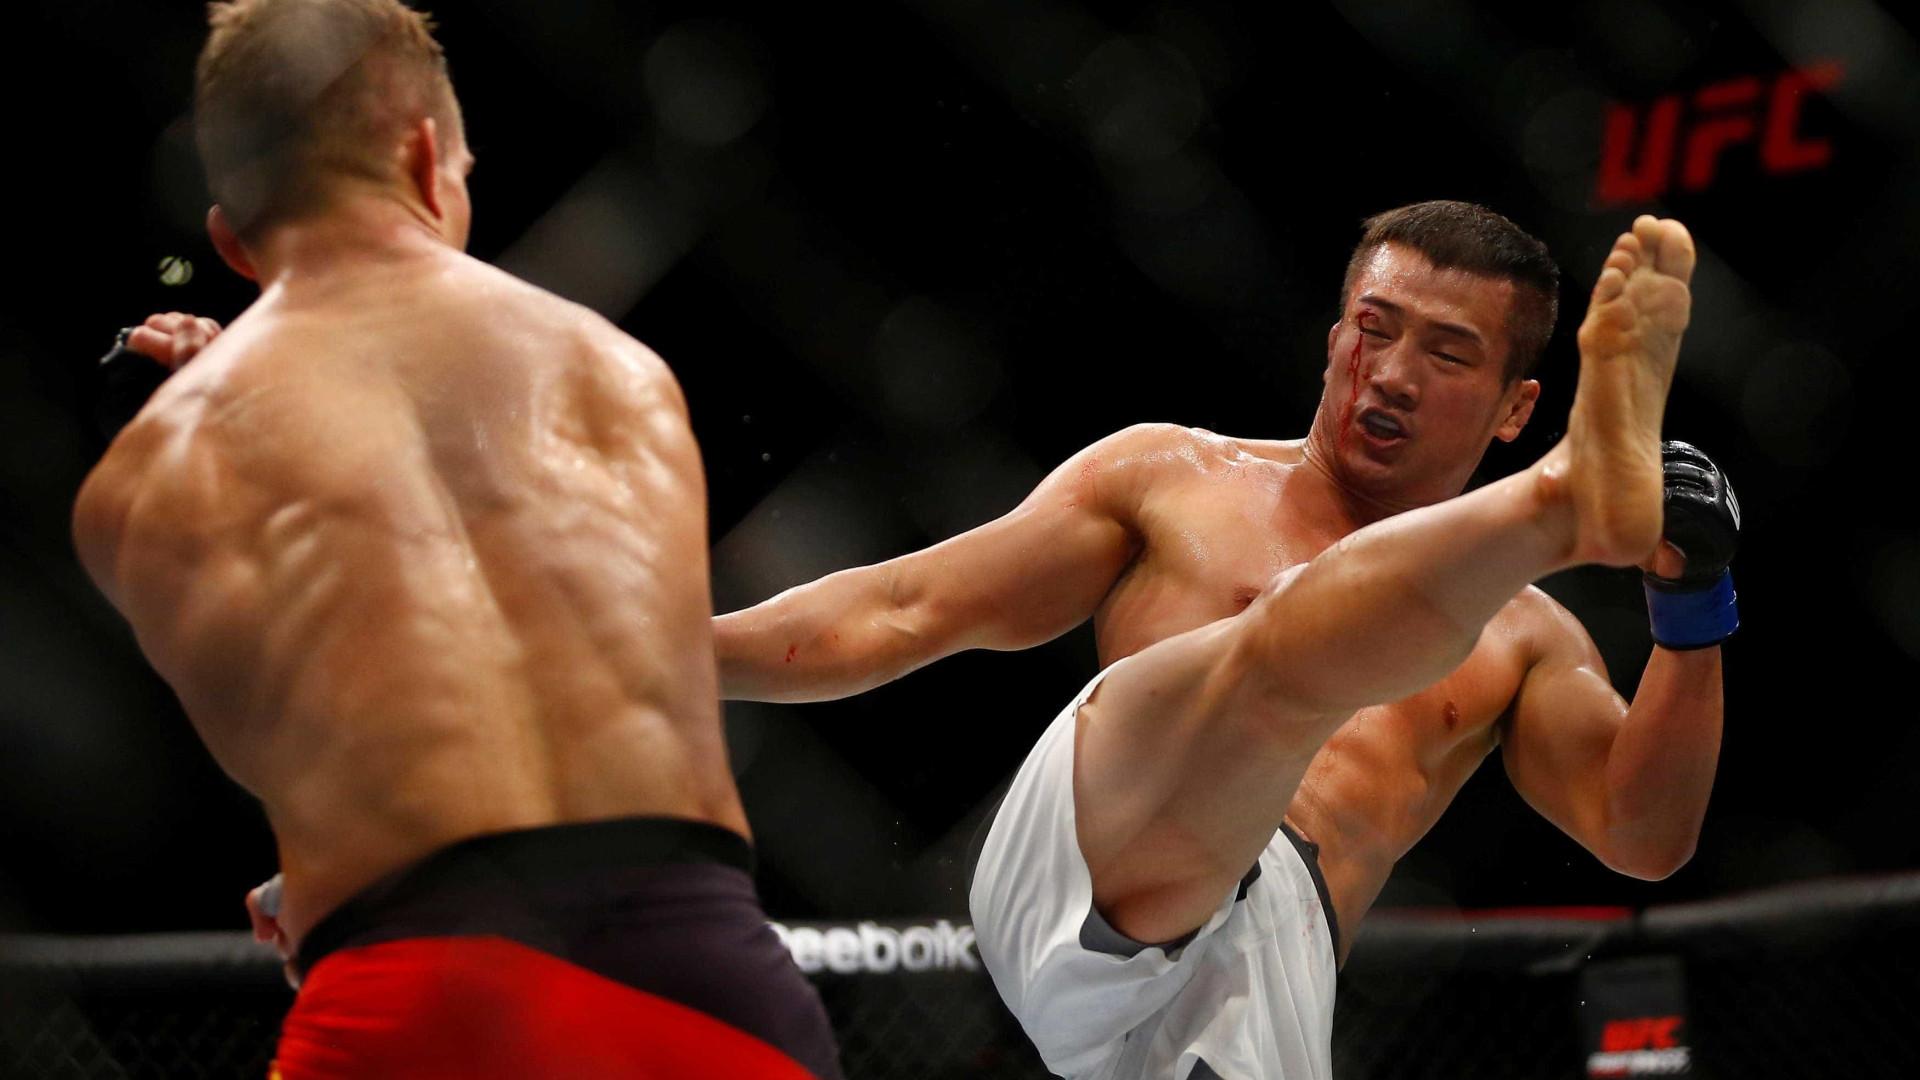 Lutador do UFC revela ter vendido luta e agora  teme pela vida